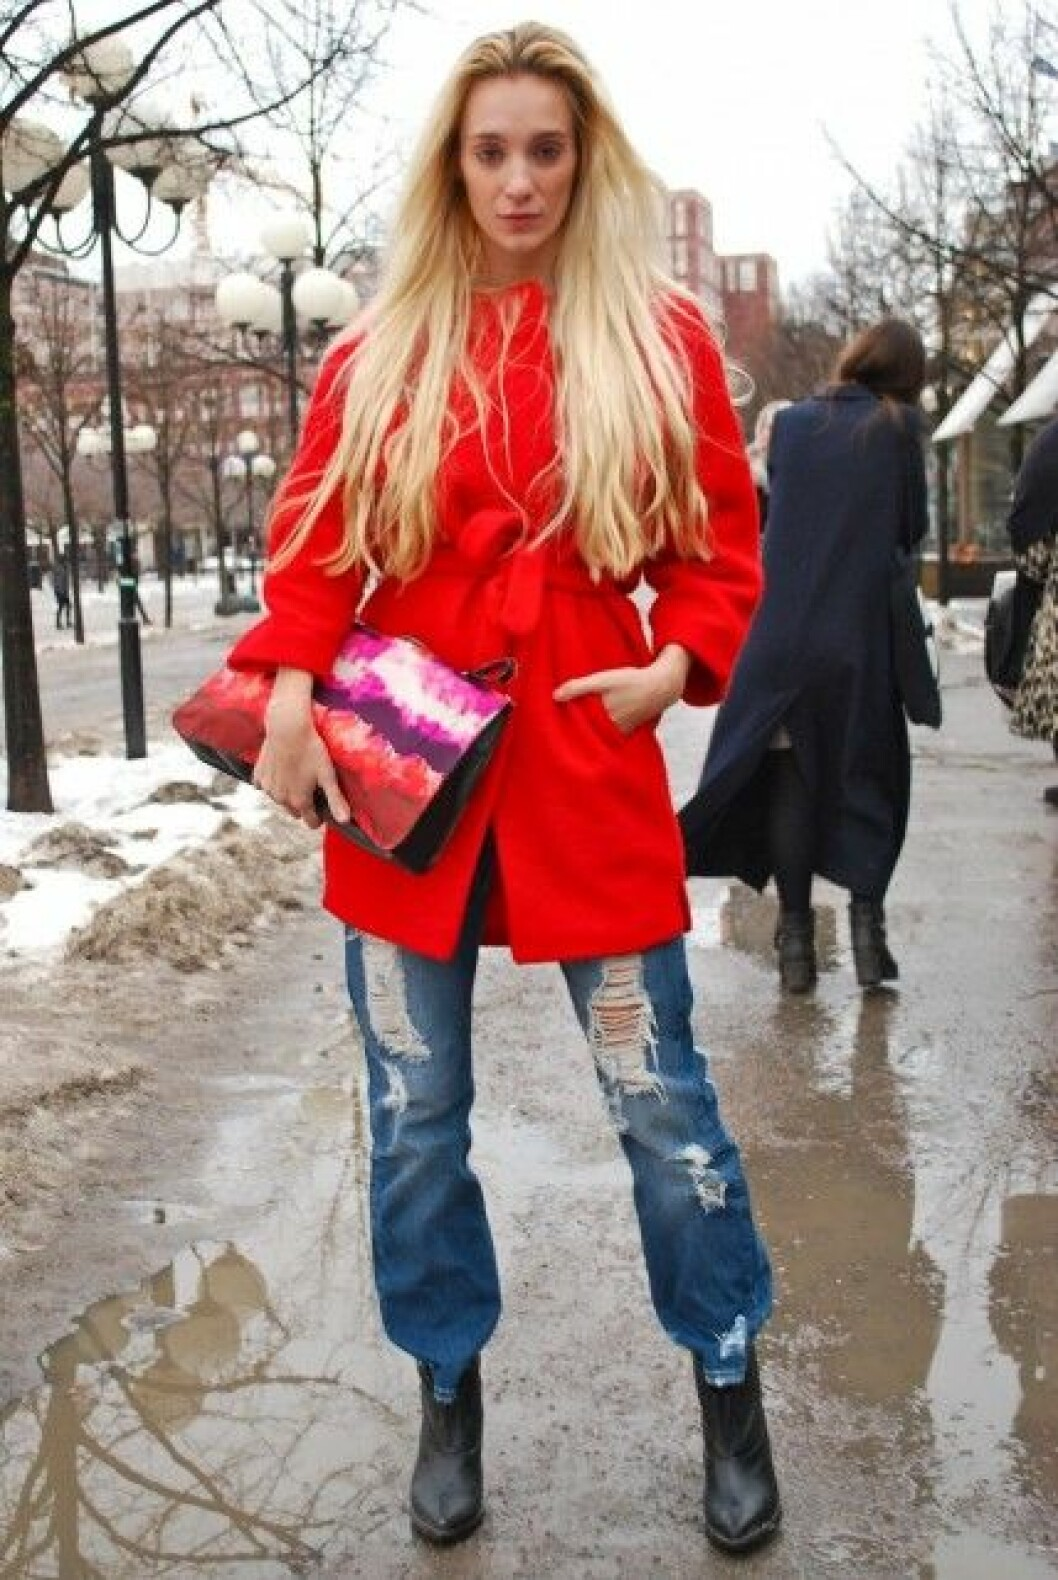 Micelle da Silva på Mercedes-Benz Fashion Week i Stockholm.